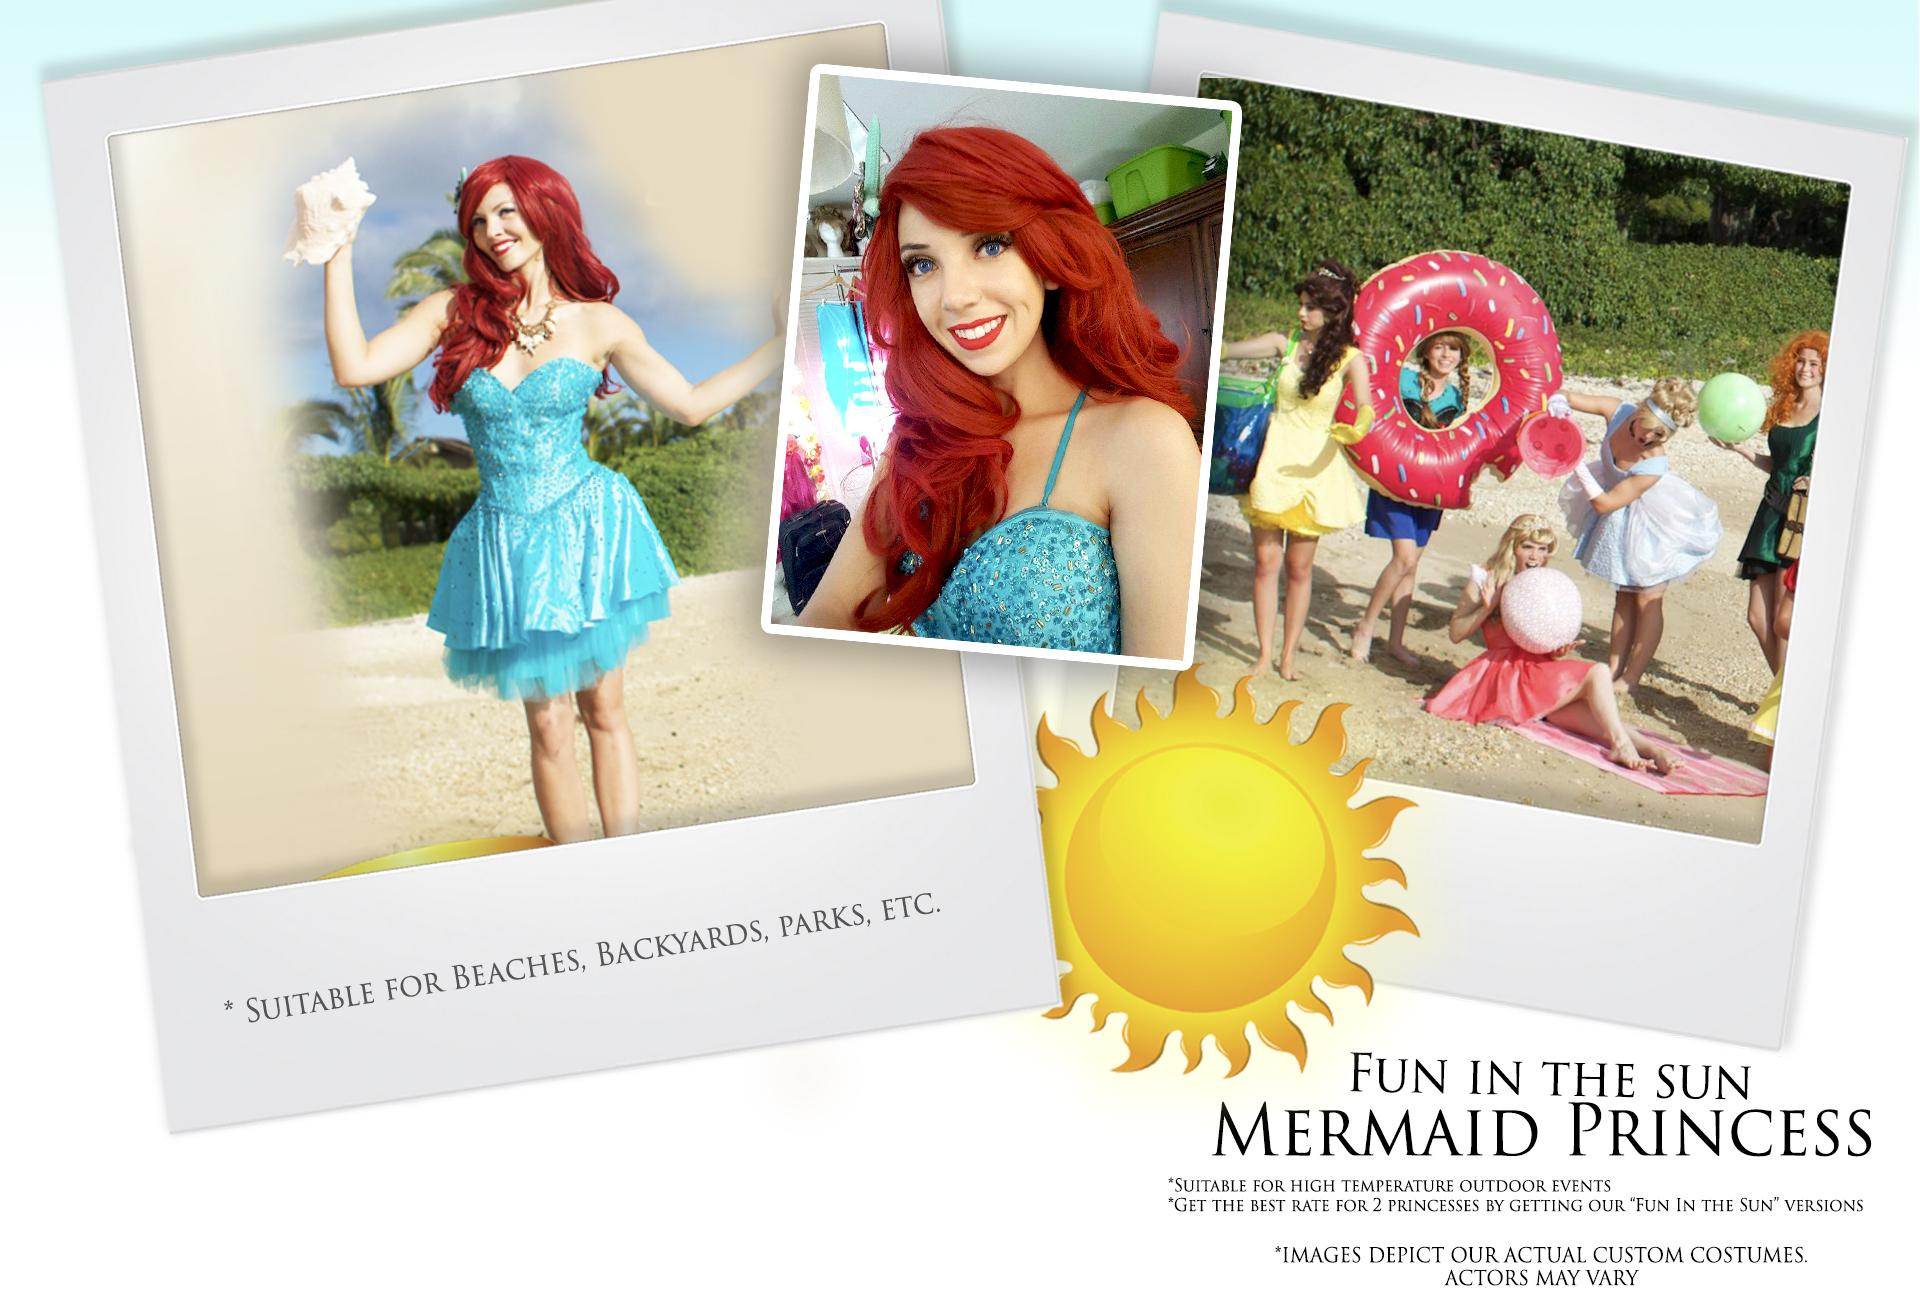 Fun in the sun Mermaid Princess